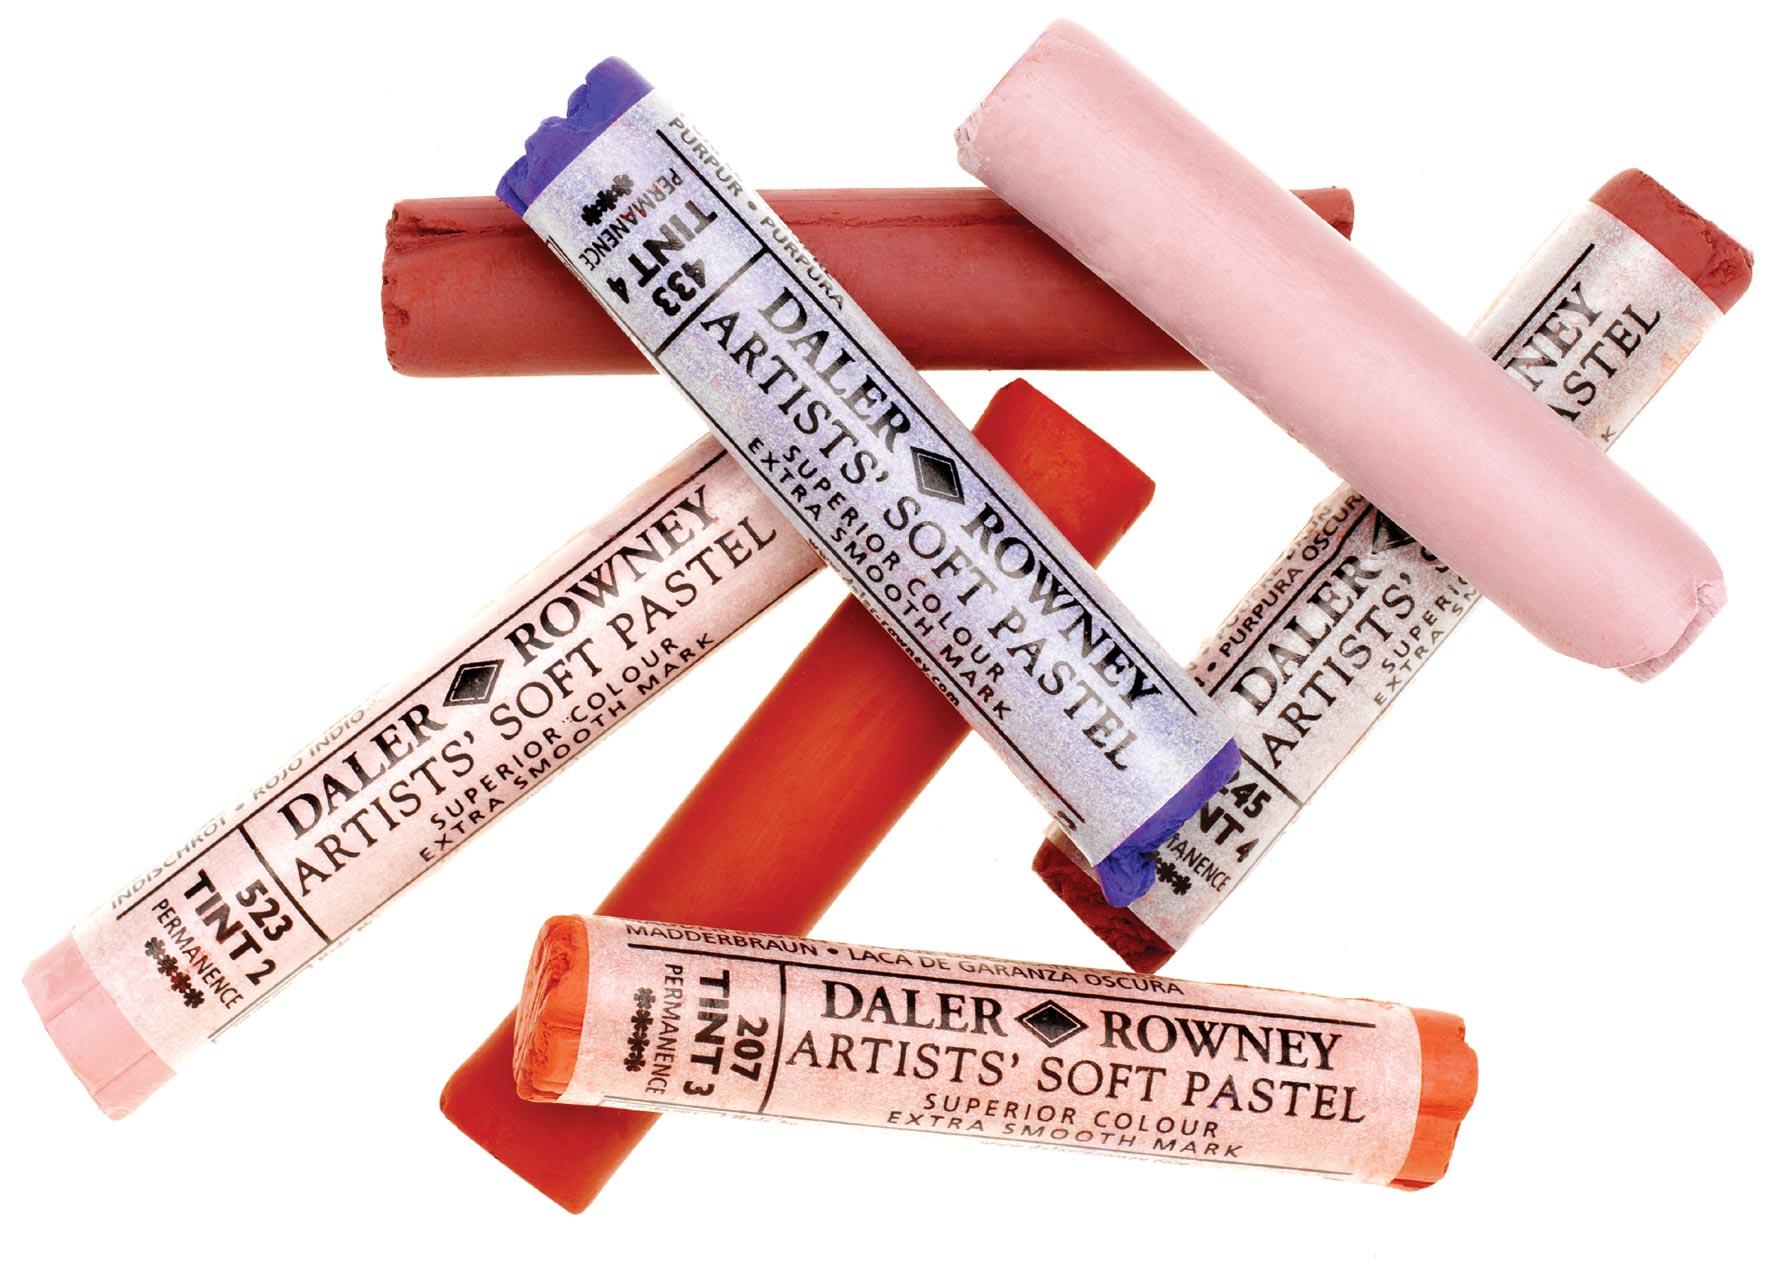 Daler Rowney Pastels